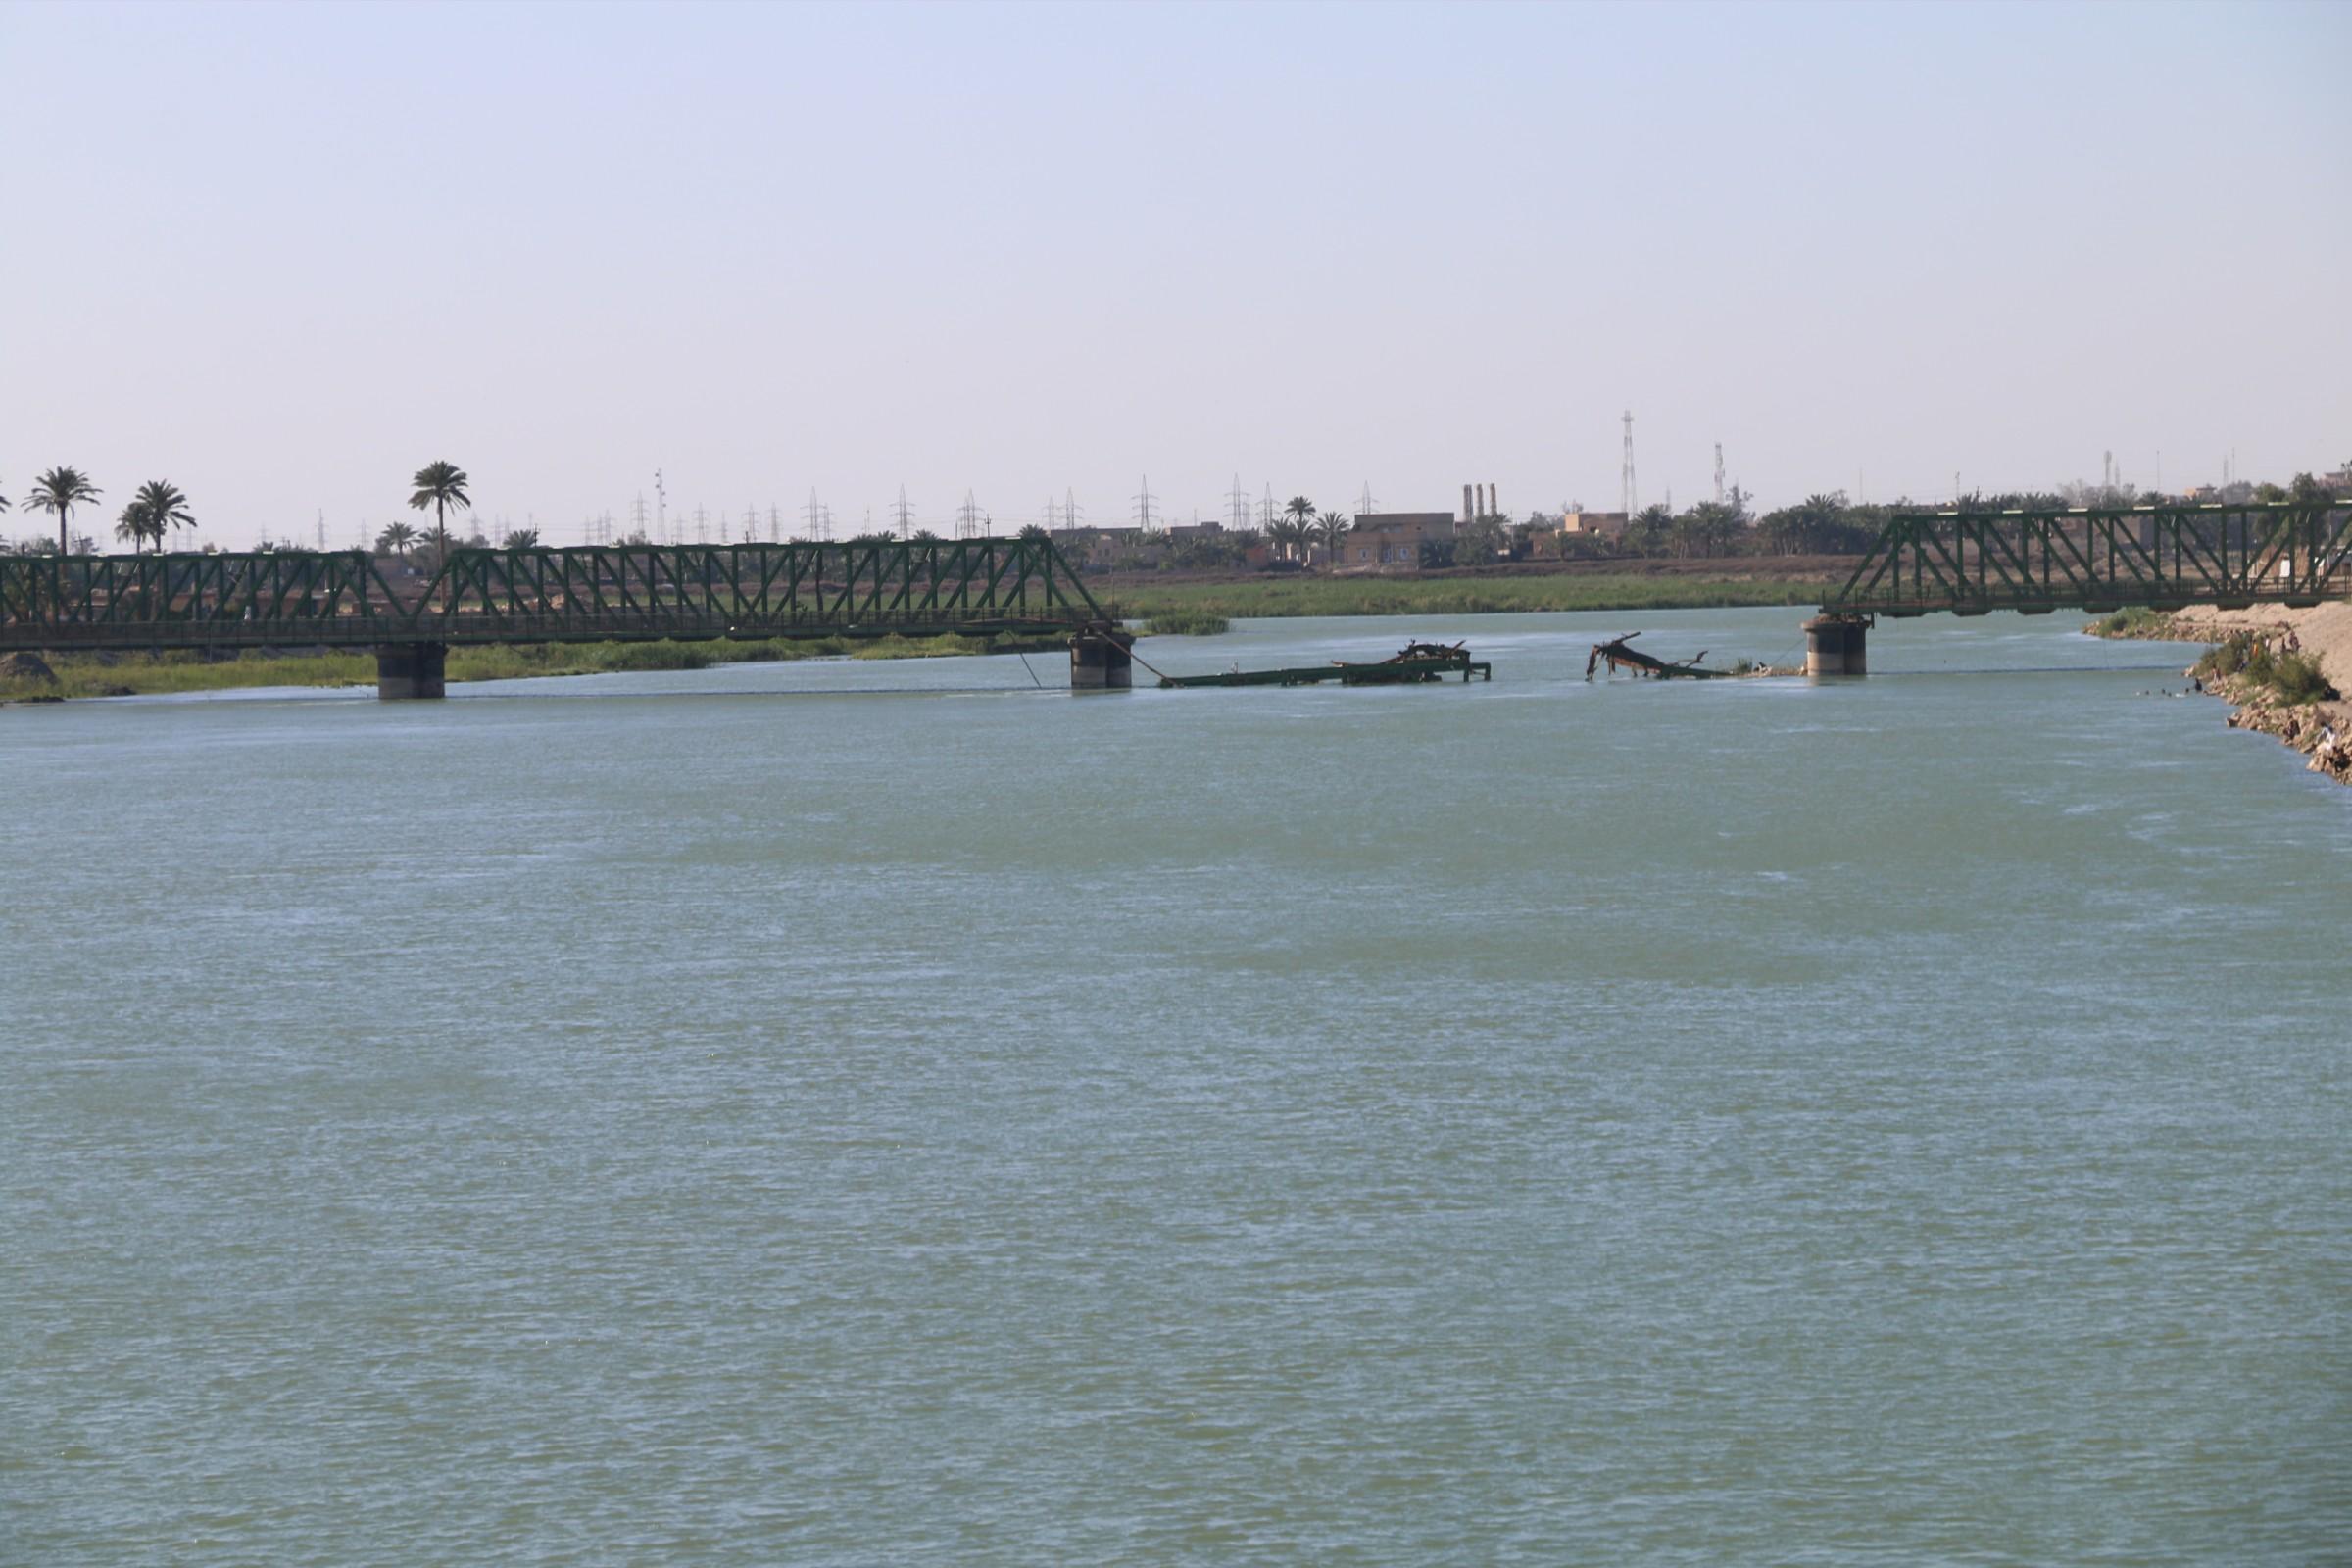 طرق وجسور الأنبار: جسر الفلوجة الحديدي سيتم اعماره خلال ايام